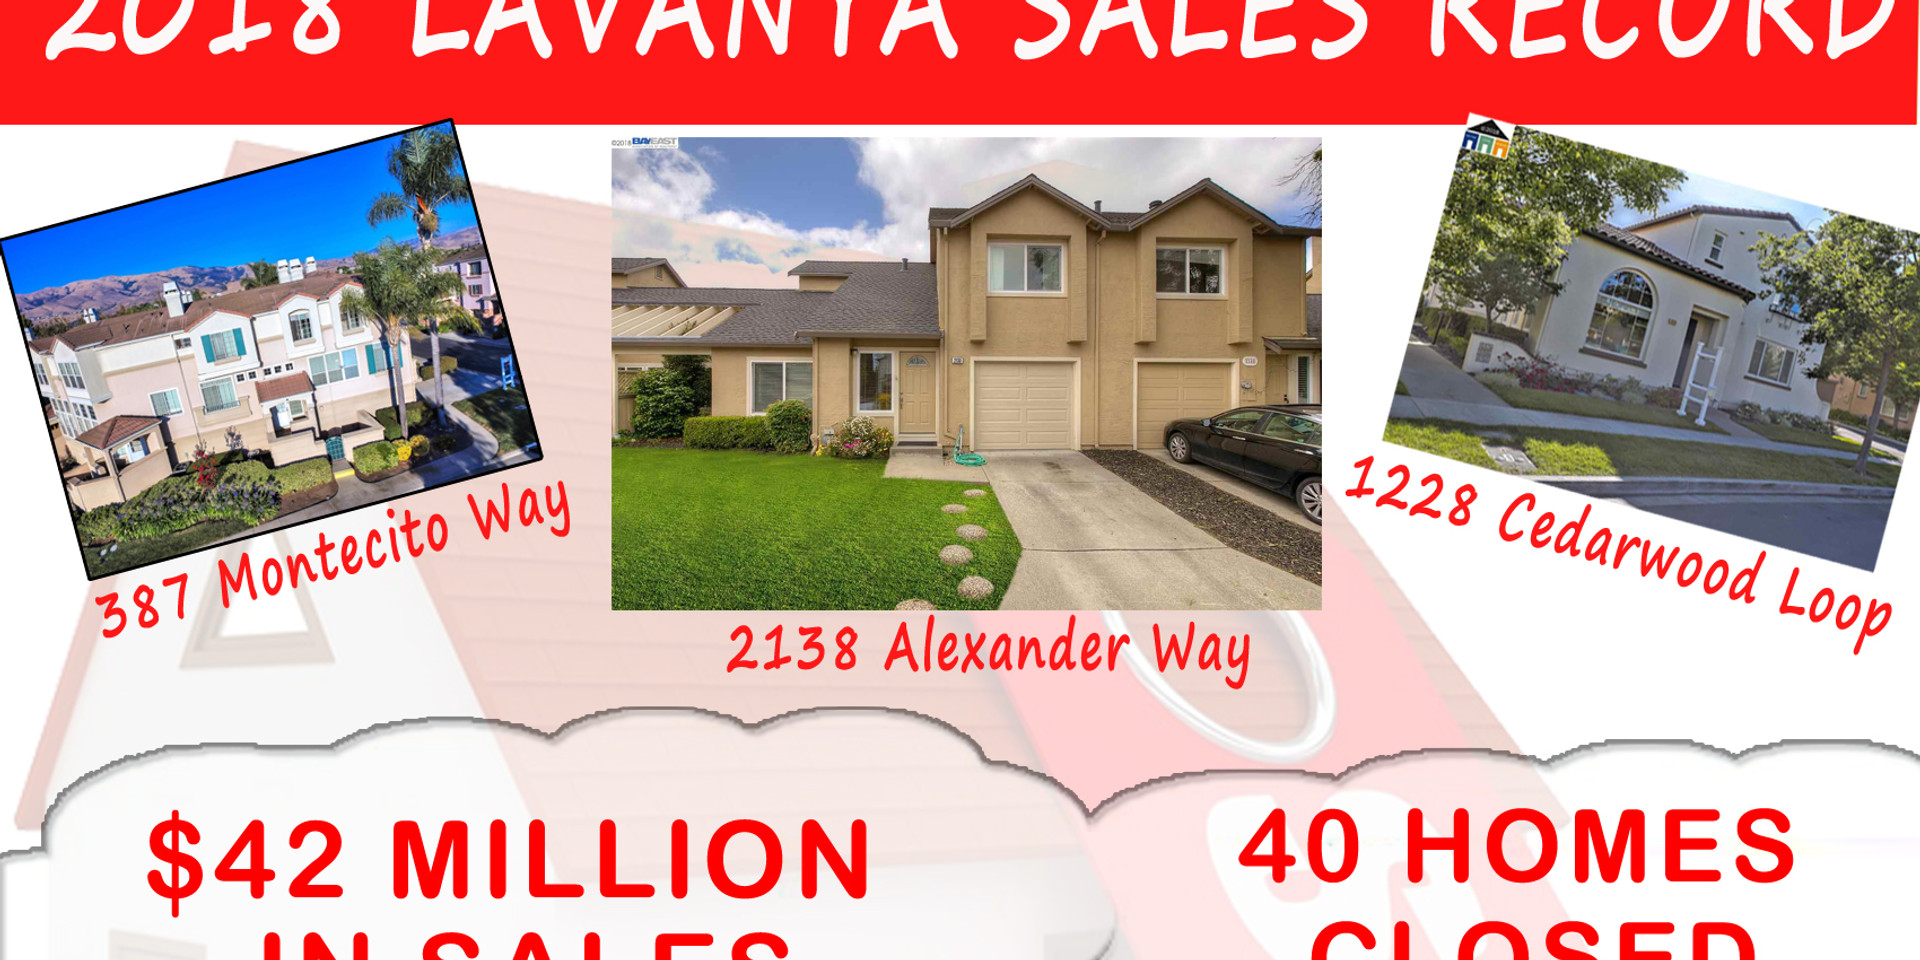 Lavanya duvvi Sales record 2018